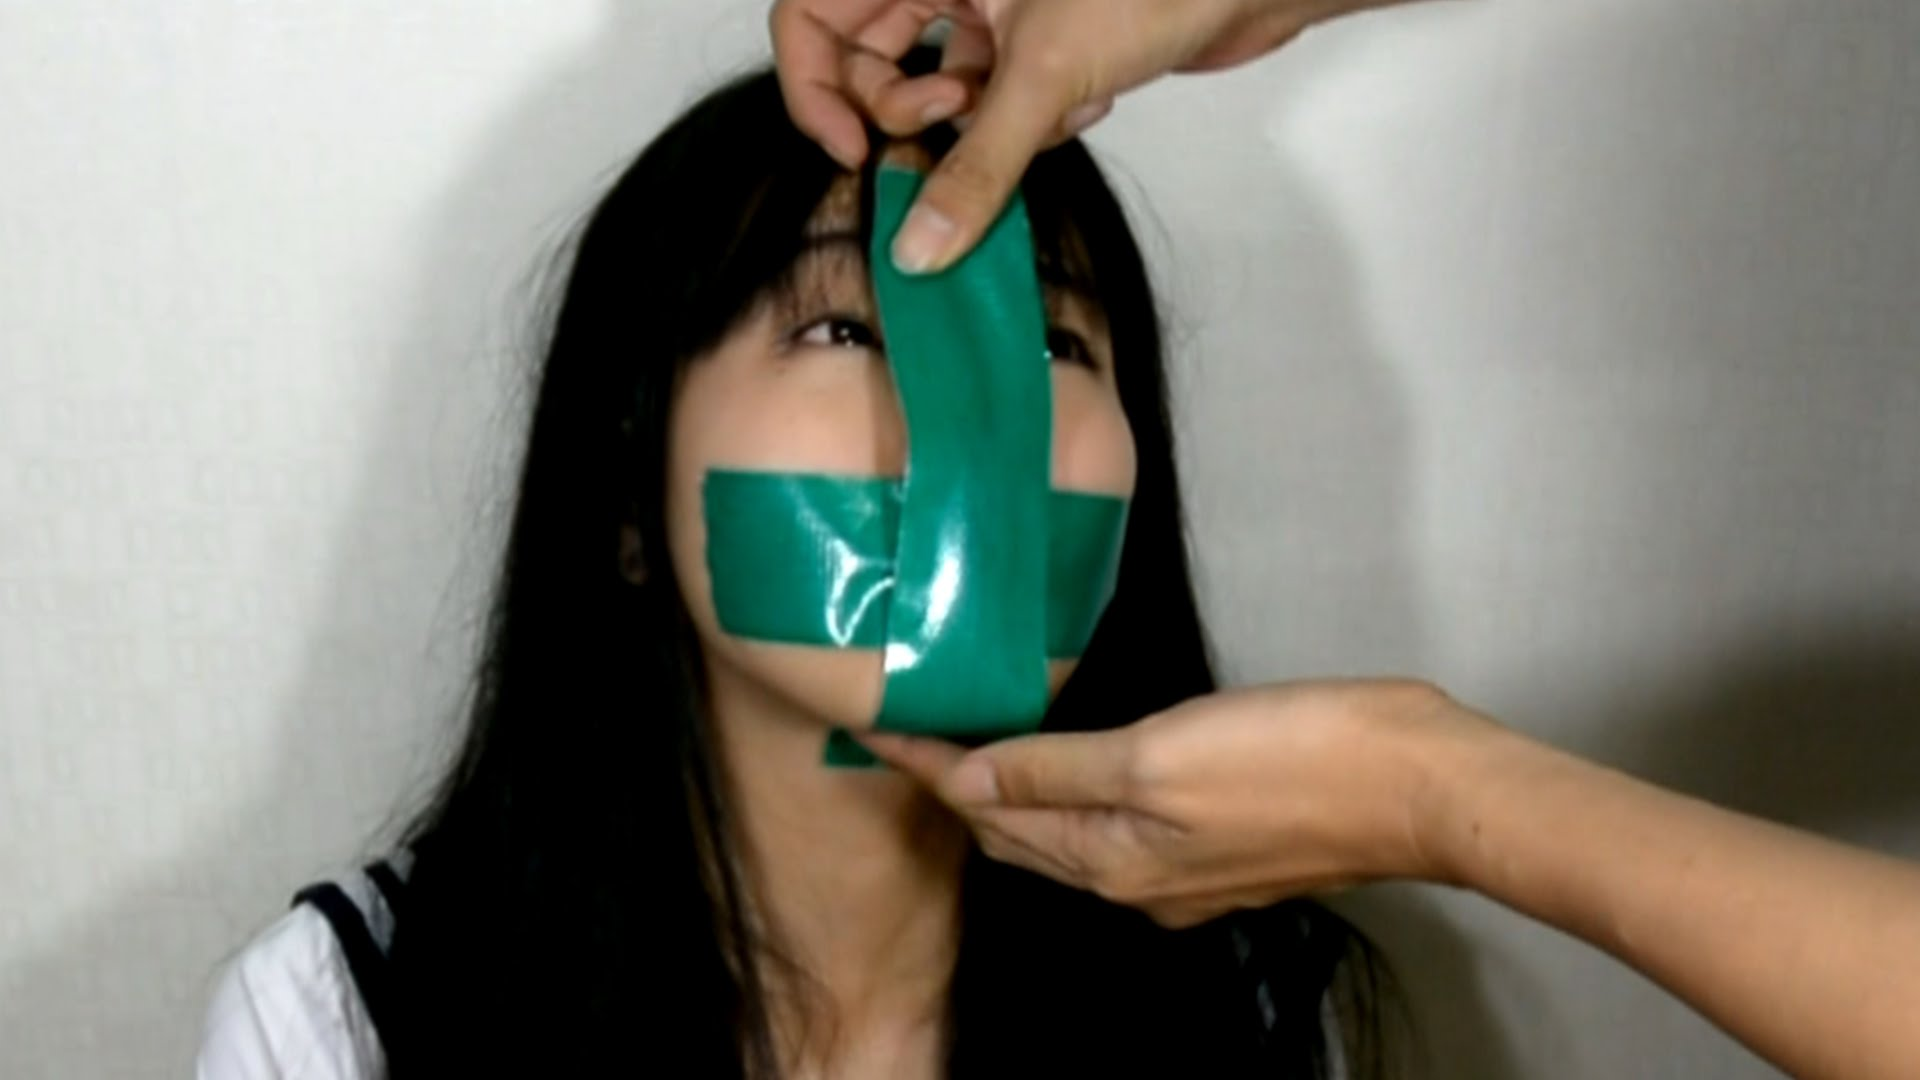 Связали и игрушками мучали, Мучает вибратором девушку 6 фотография